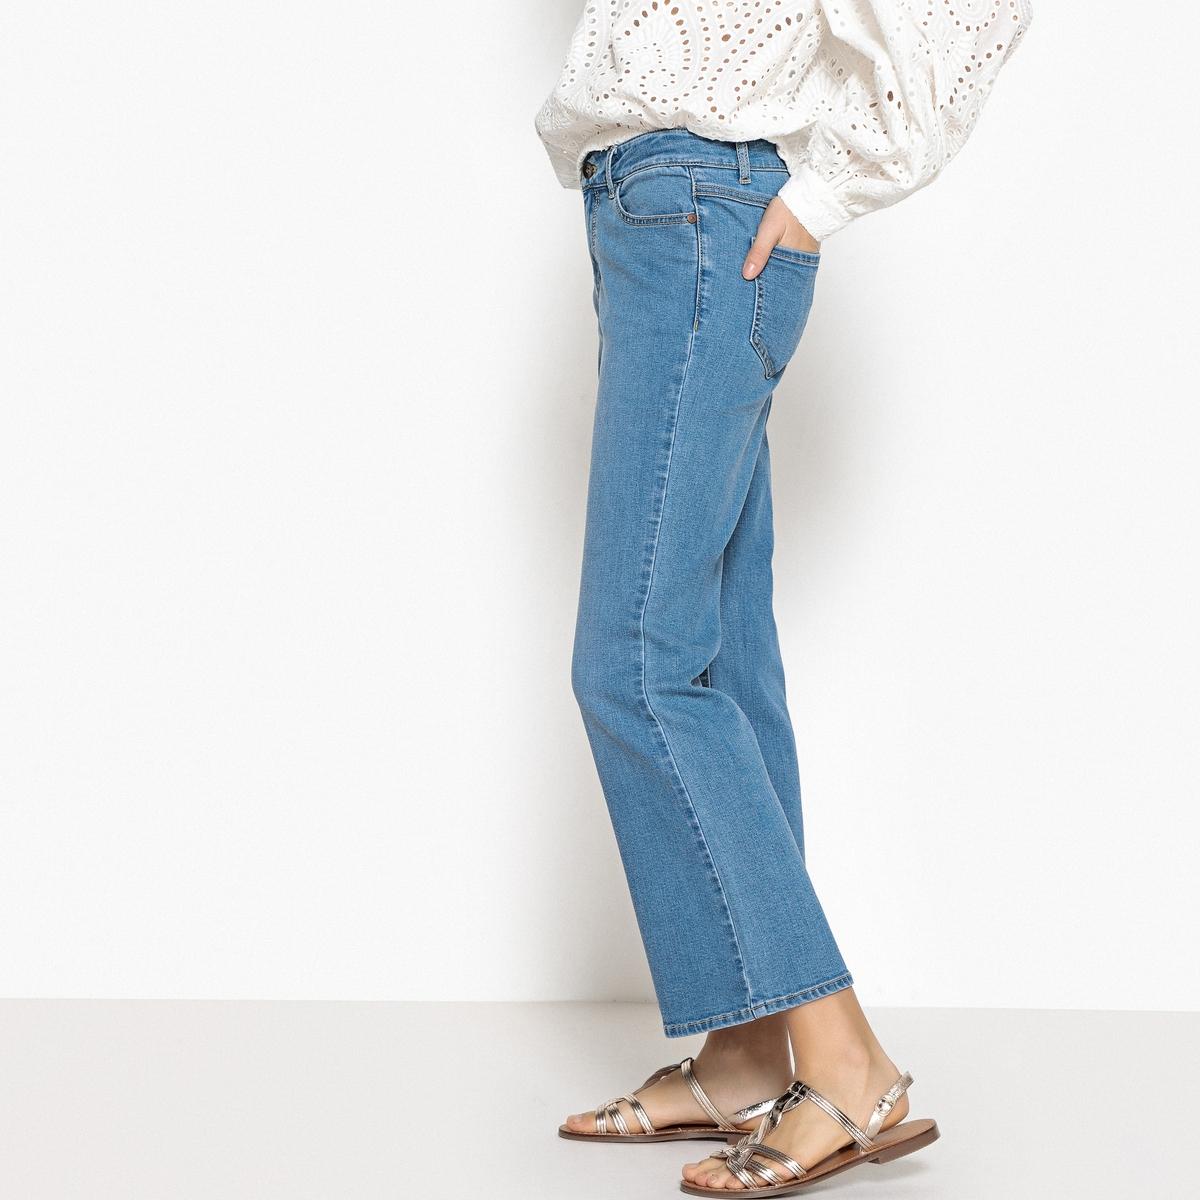 Джинсы расклешенные, стандартная талия джинсы расклешенные длина 34